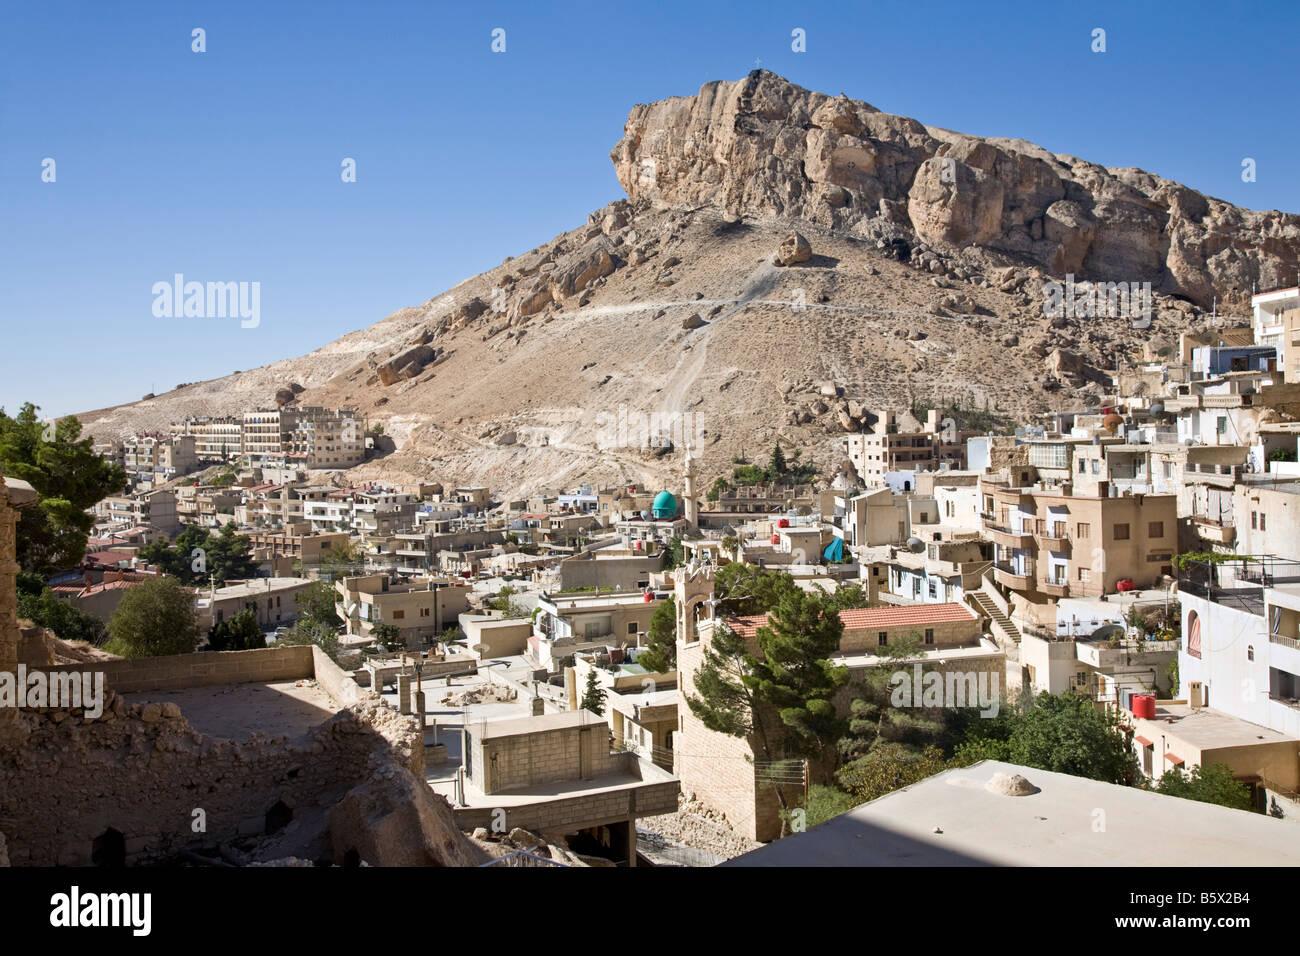 Hills and dwellings. `Ayn at Tīnah, Maalula, Rif-dimashq, Syria. - Stock Image